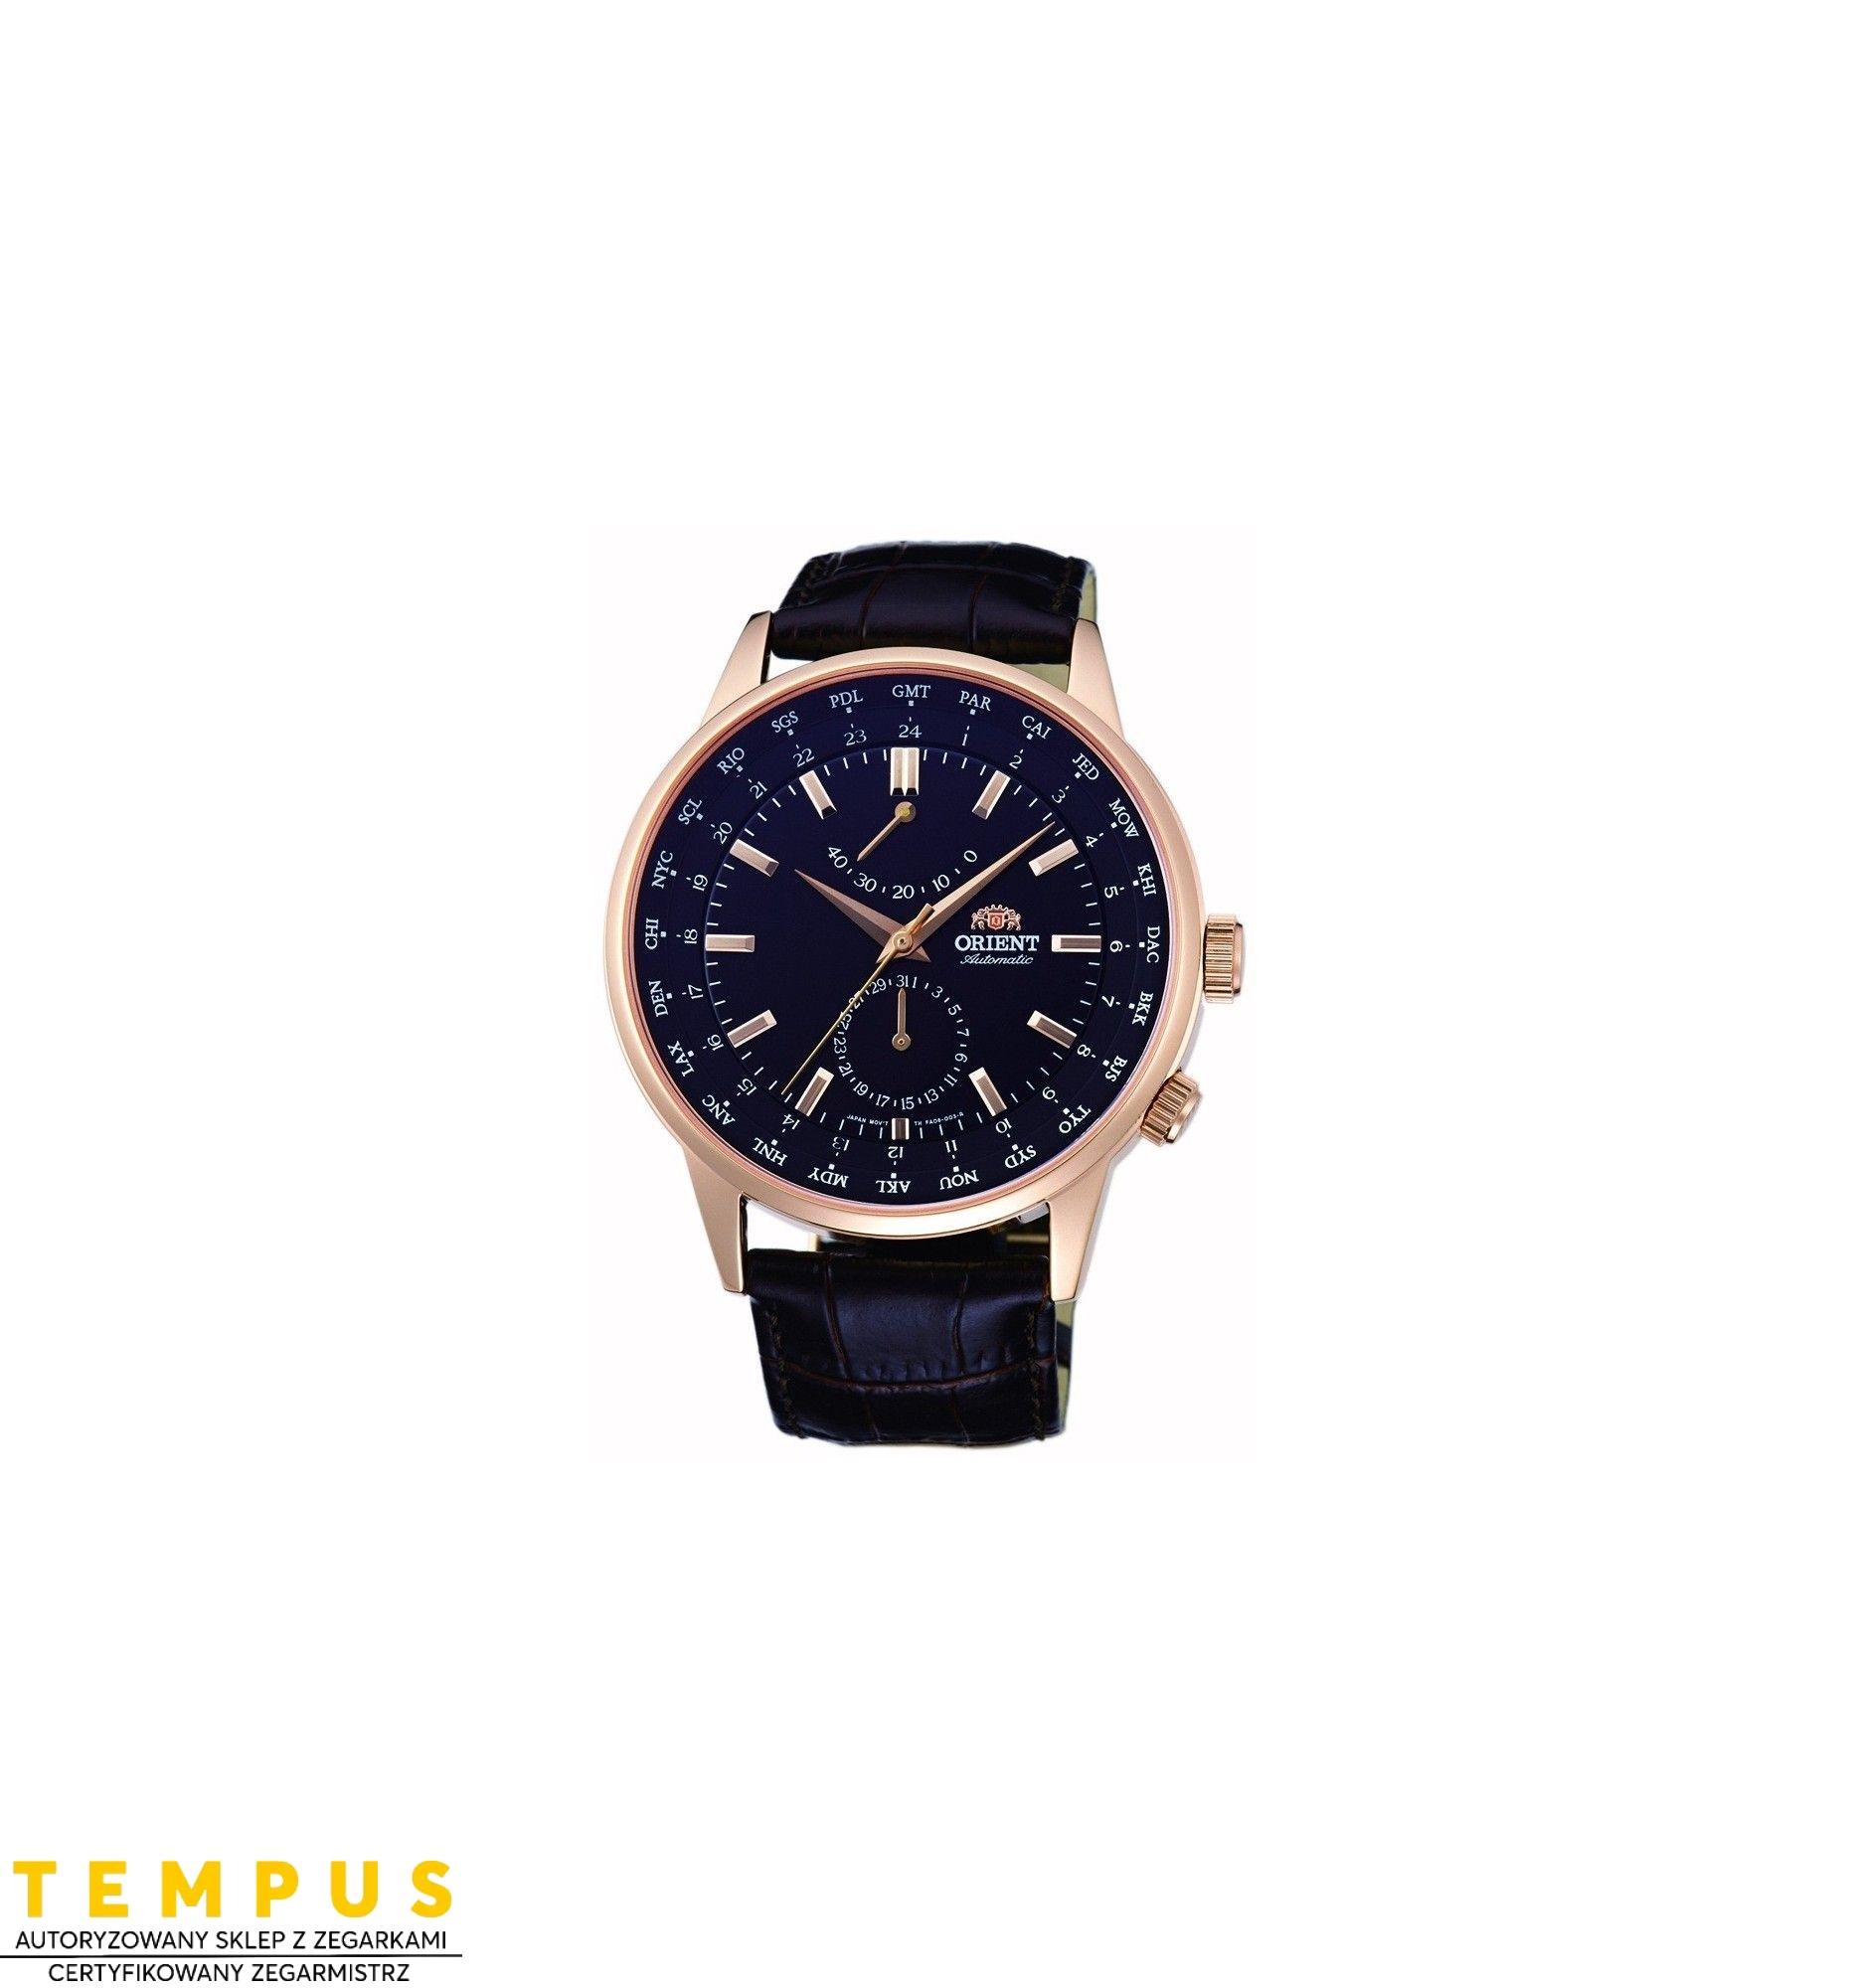 Zegarek Męski ORIENT FFA06001B0 - Tempus